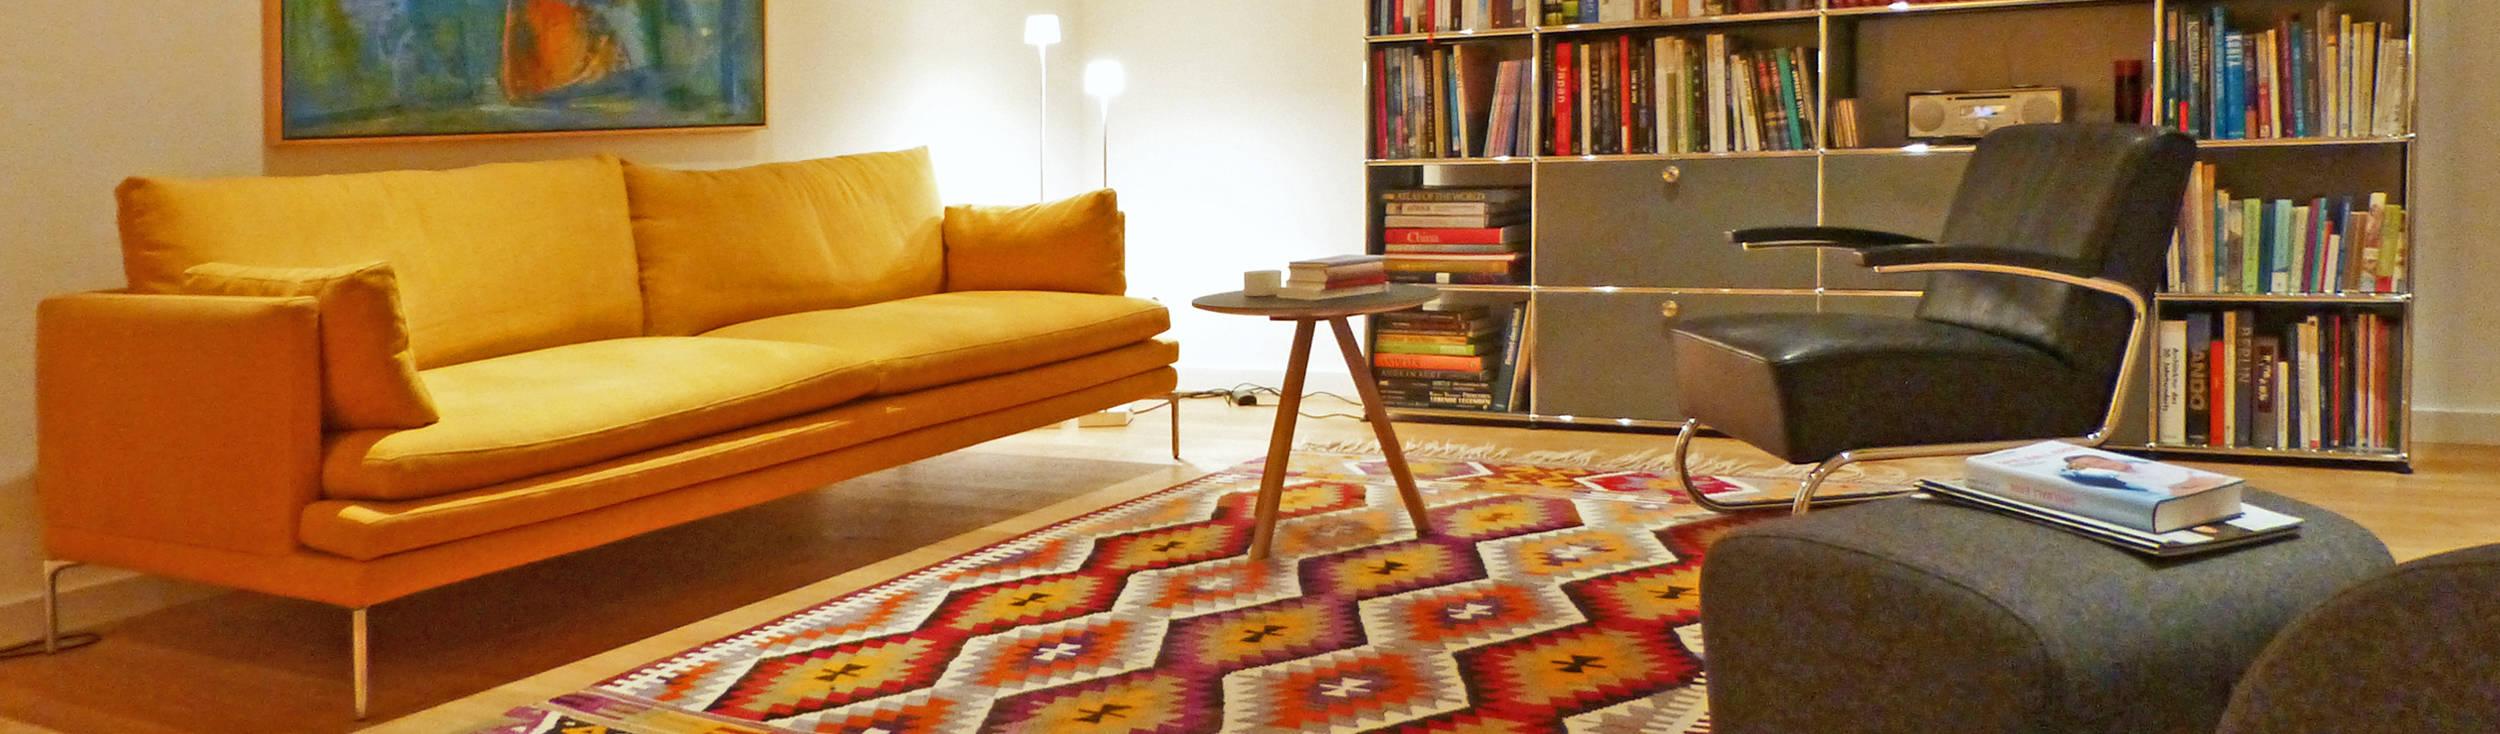 kiran kelim teppich kunst bodenbel ge in berlin homify. Black Bedroom Furniture Sets. Home Design Ideas